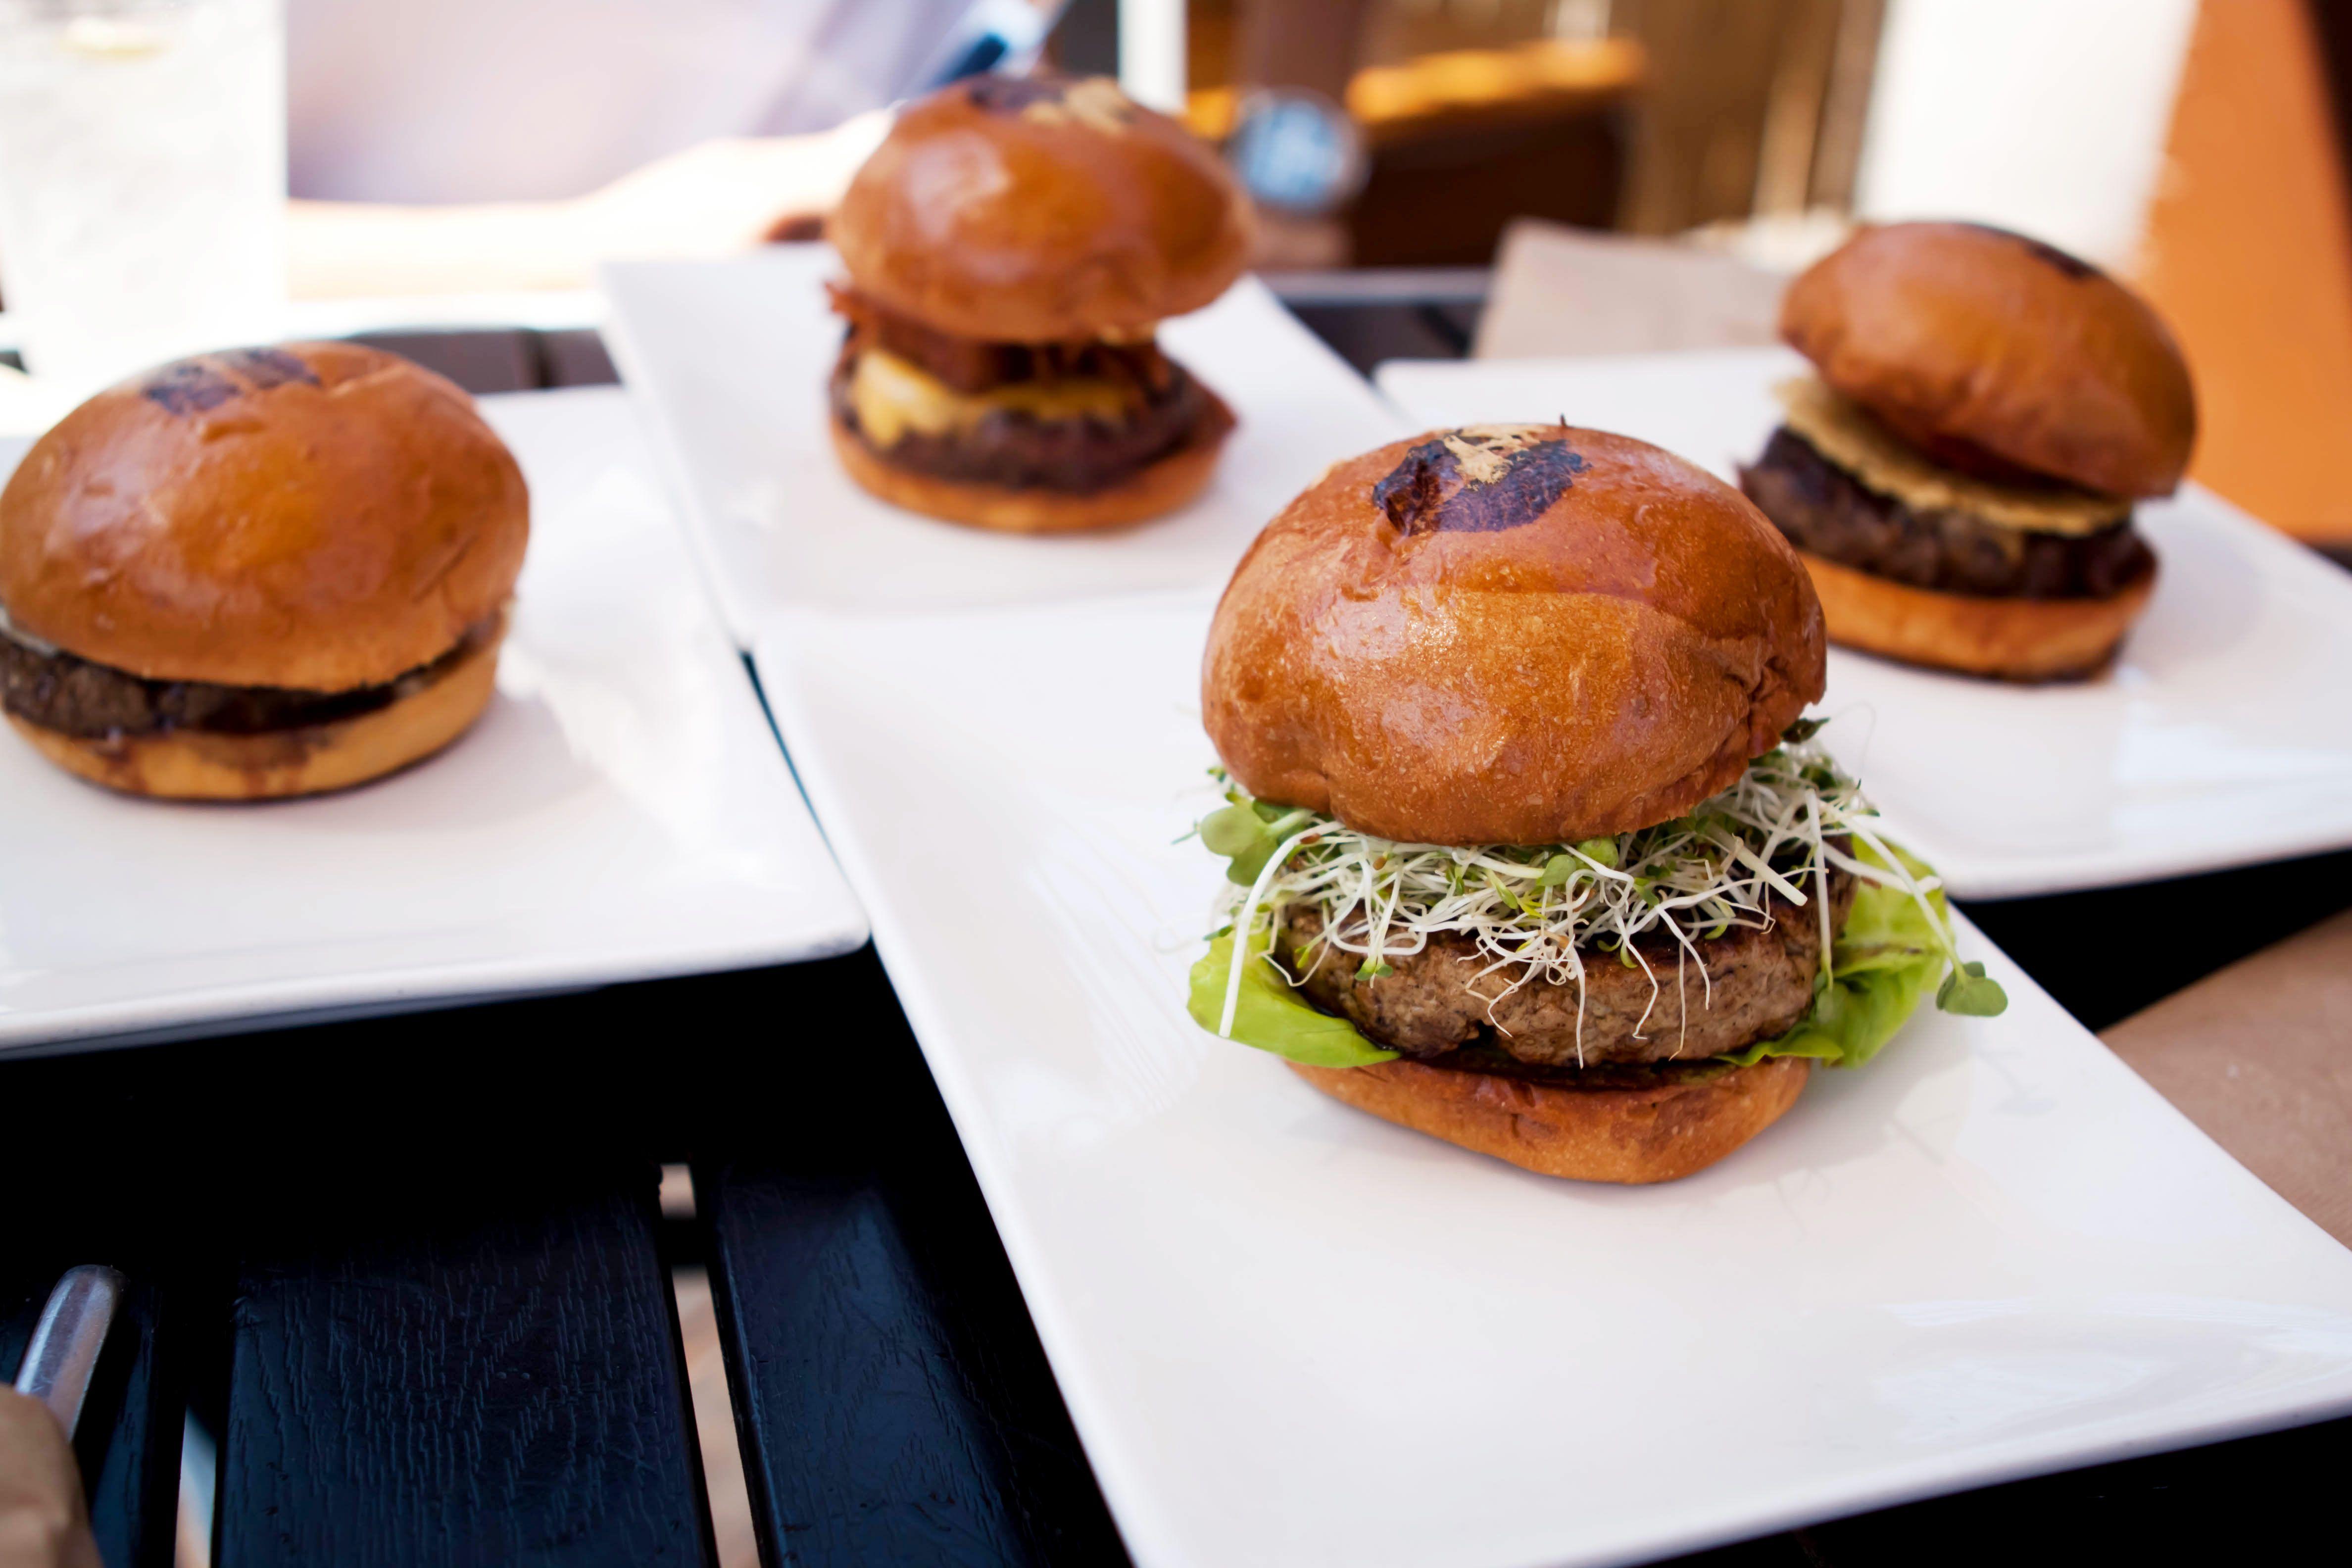 Umami Burgers on plates